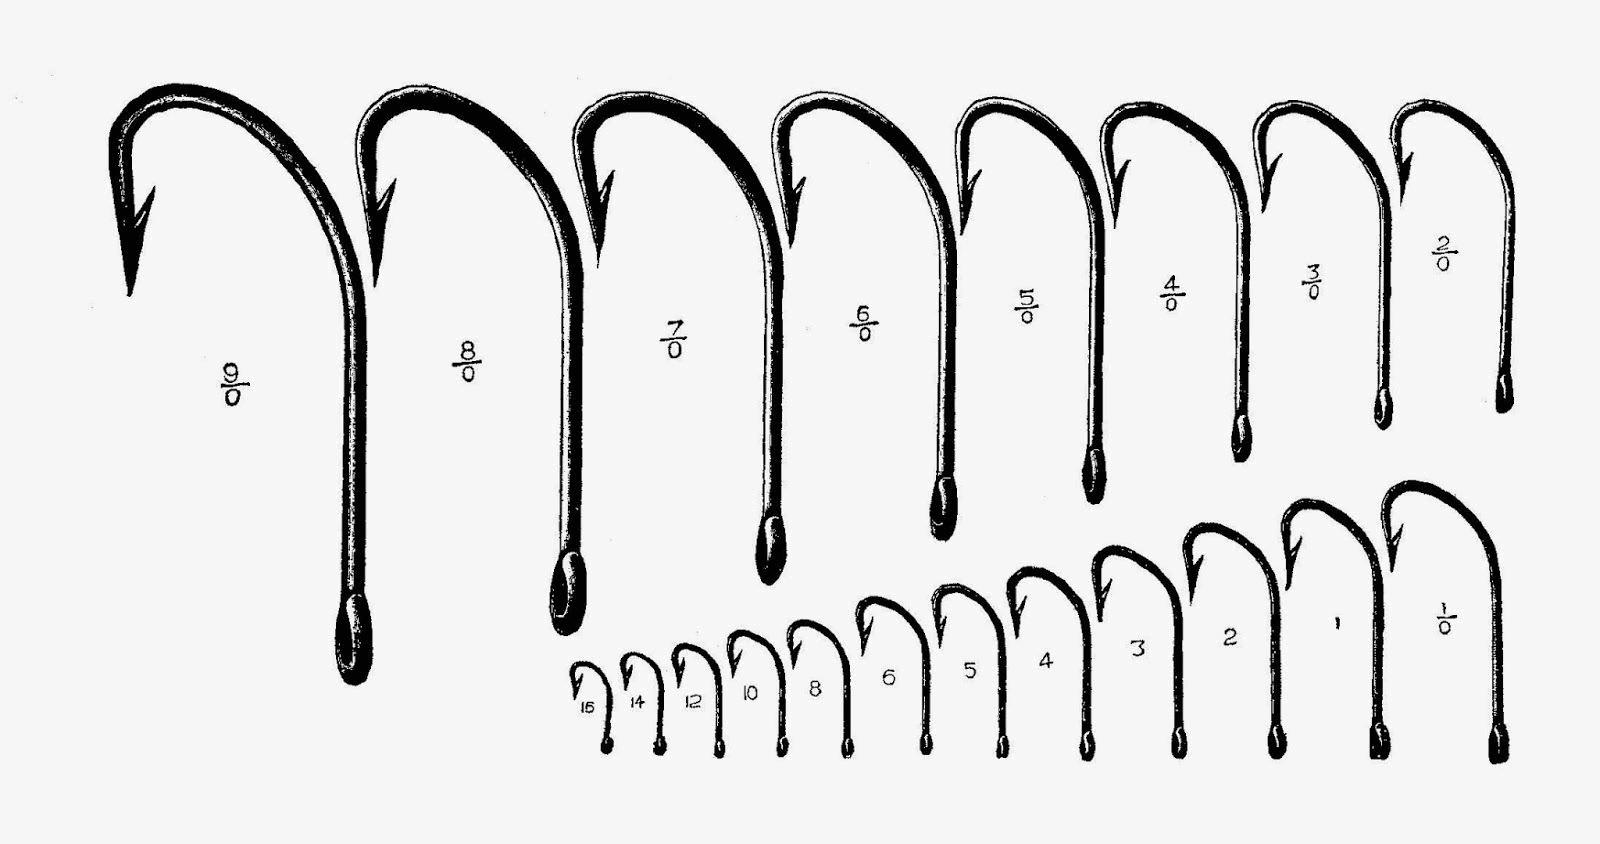 fishing hook sizes